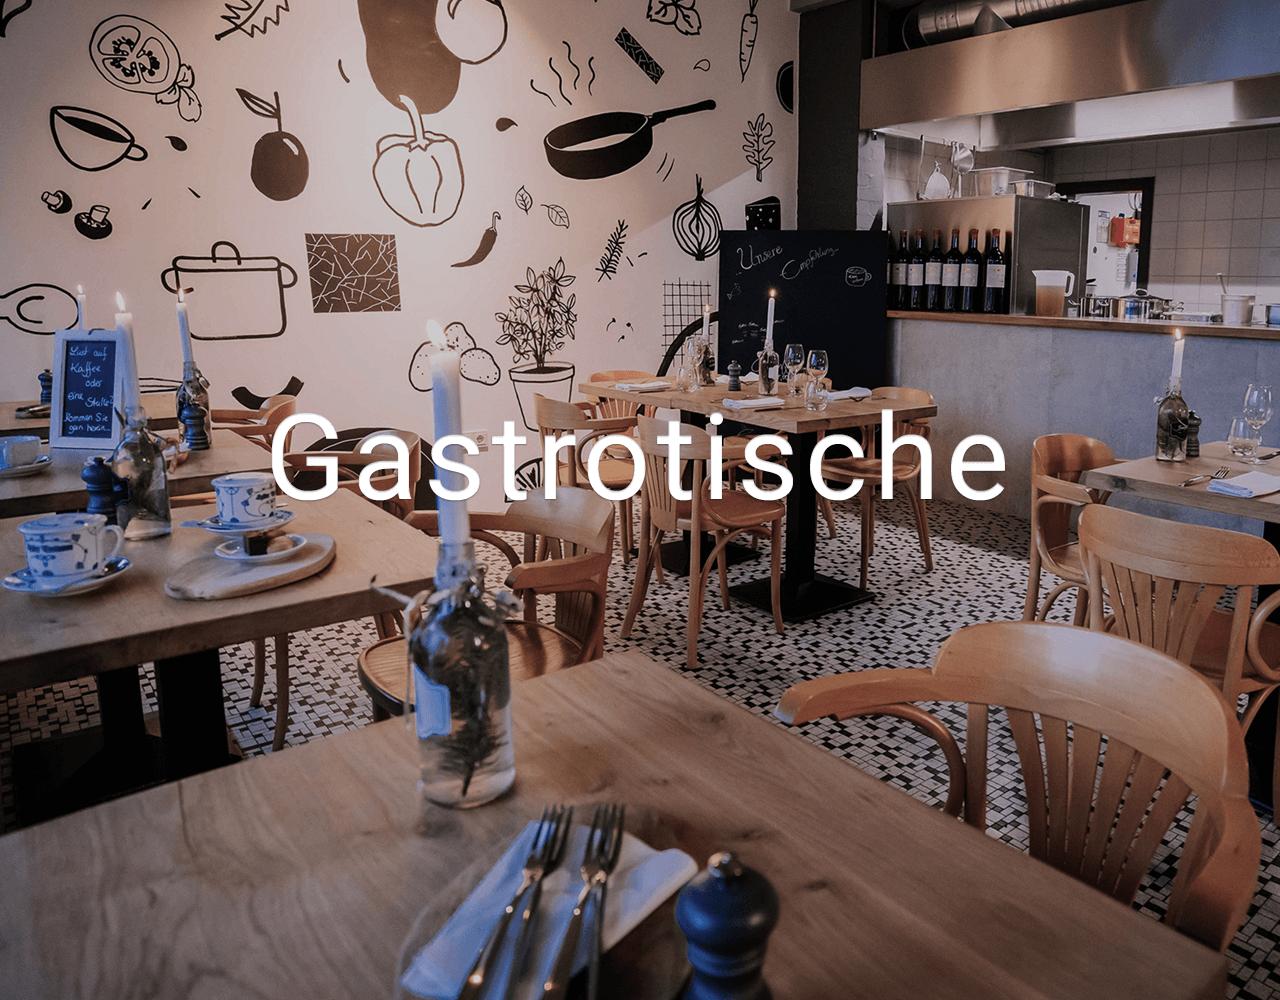 Gastrotische / Bistrotische